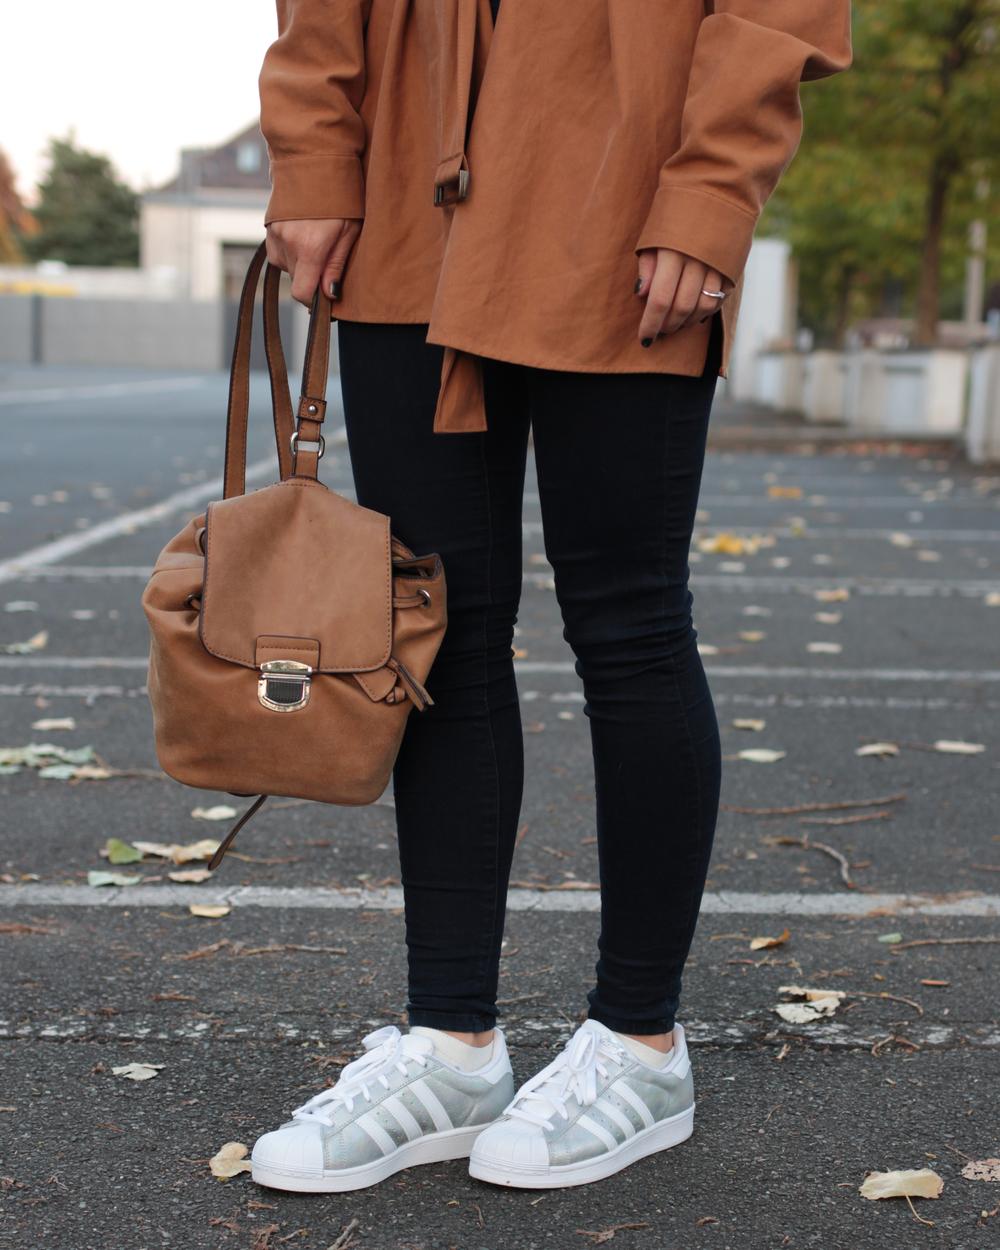 Meine neueste Erkenntnis in meiner Outfit-Auswahl: Ein ausgefallener Schuh, macht das Outfit schön im Nu'! Dem Thema Schuh möchte ich mich aber noch ausgiebig in einem weiteren Blog Post widmen.